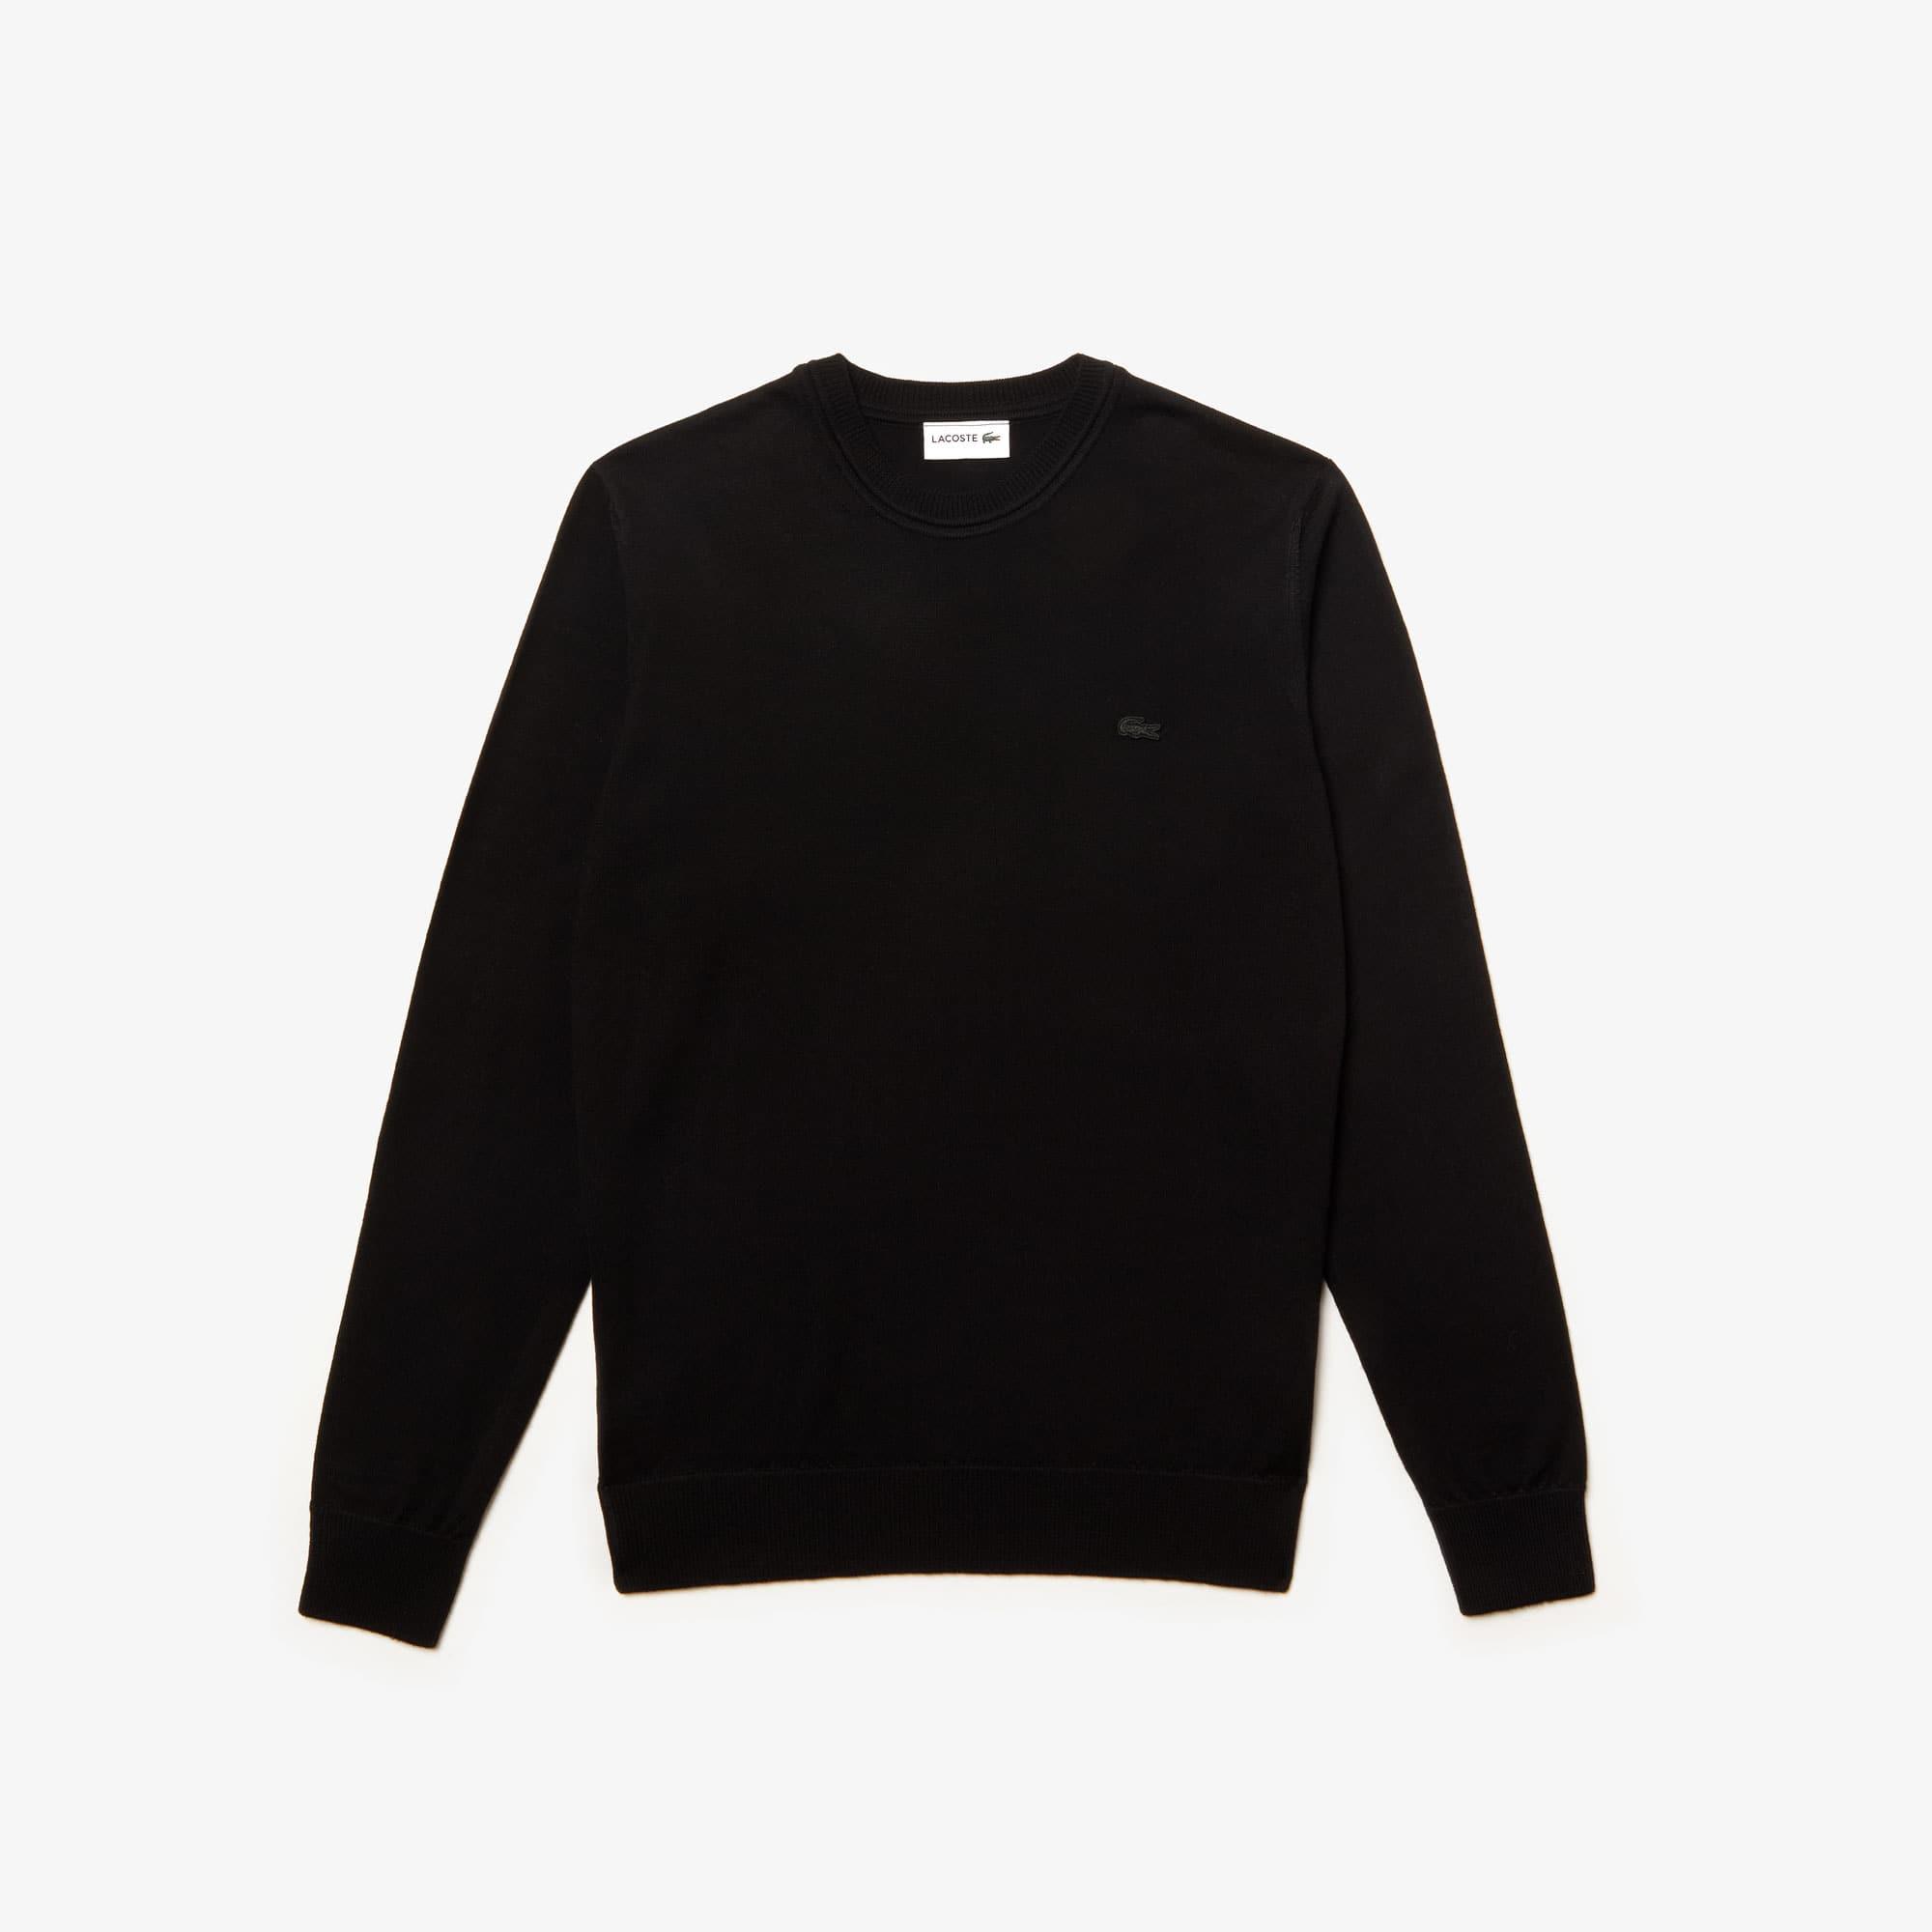 Jersey de hombre en tejido de punto de lana con cuello redondo